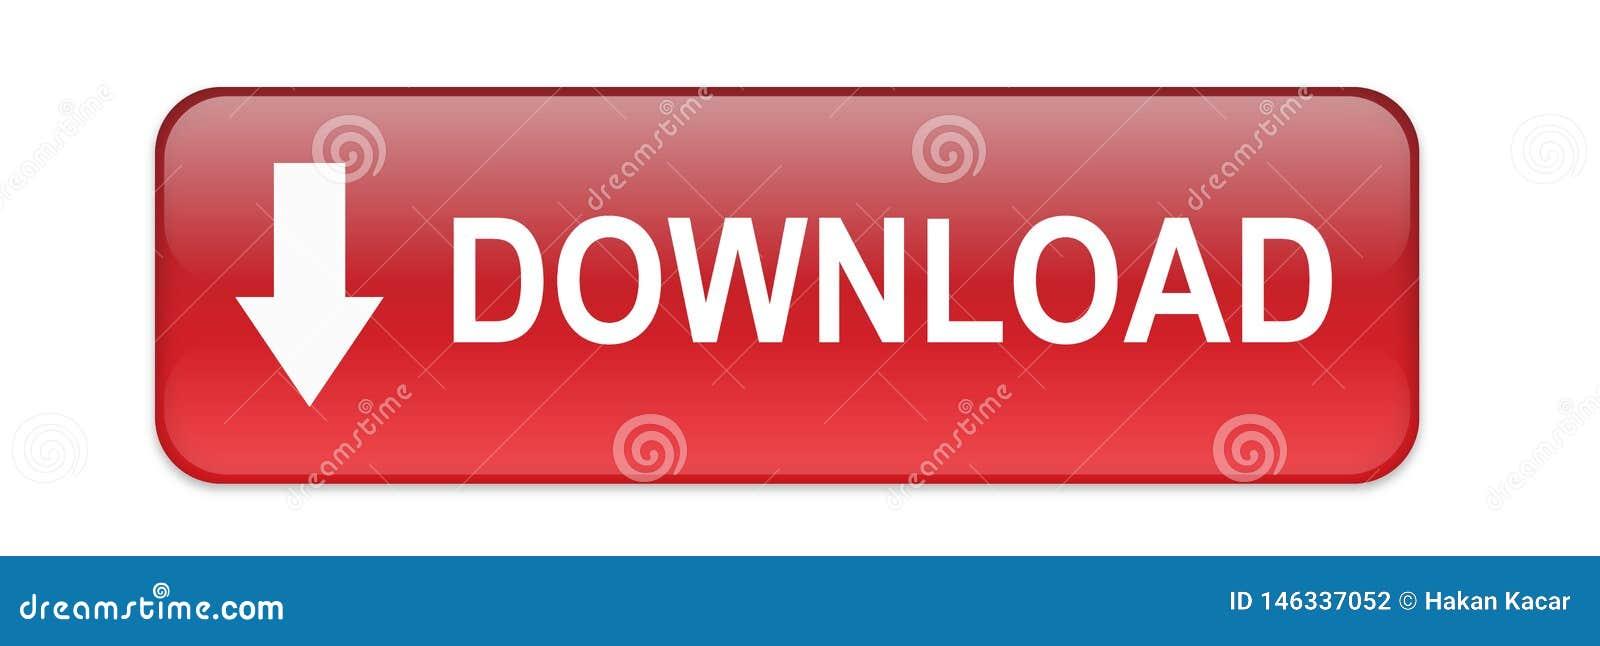 Download iets Illustratie, gegevens Het Ontwerp van het Web